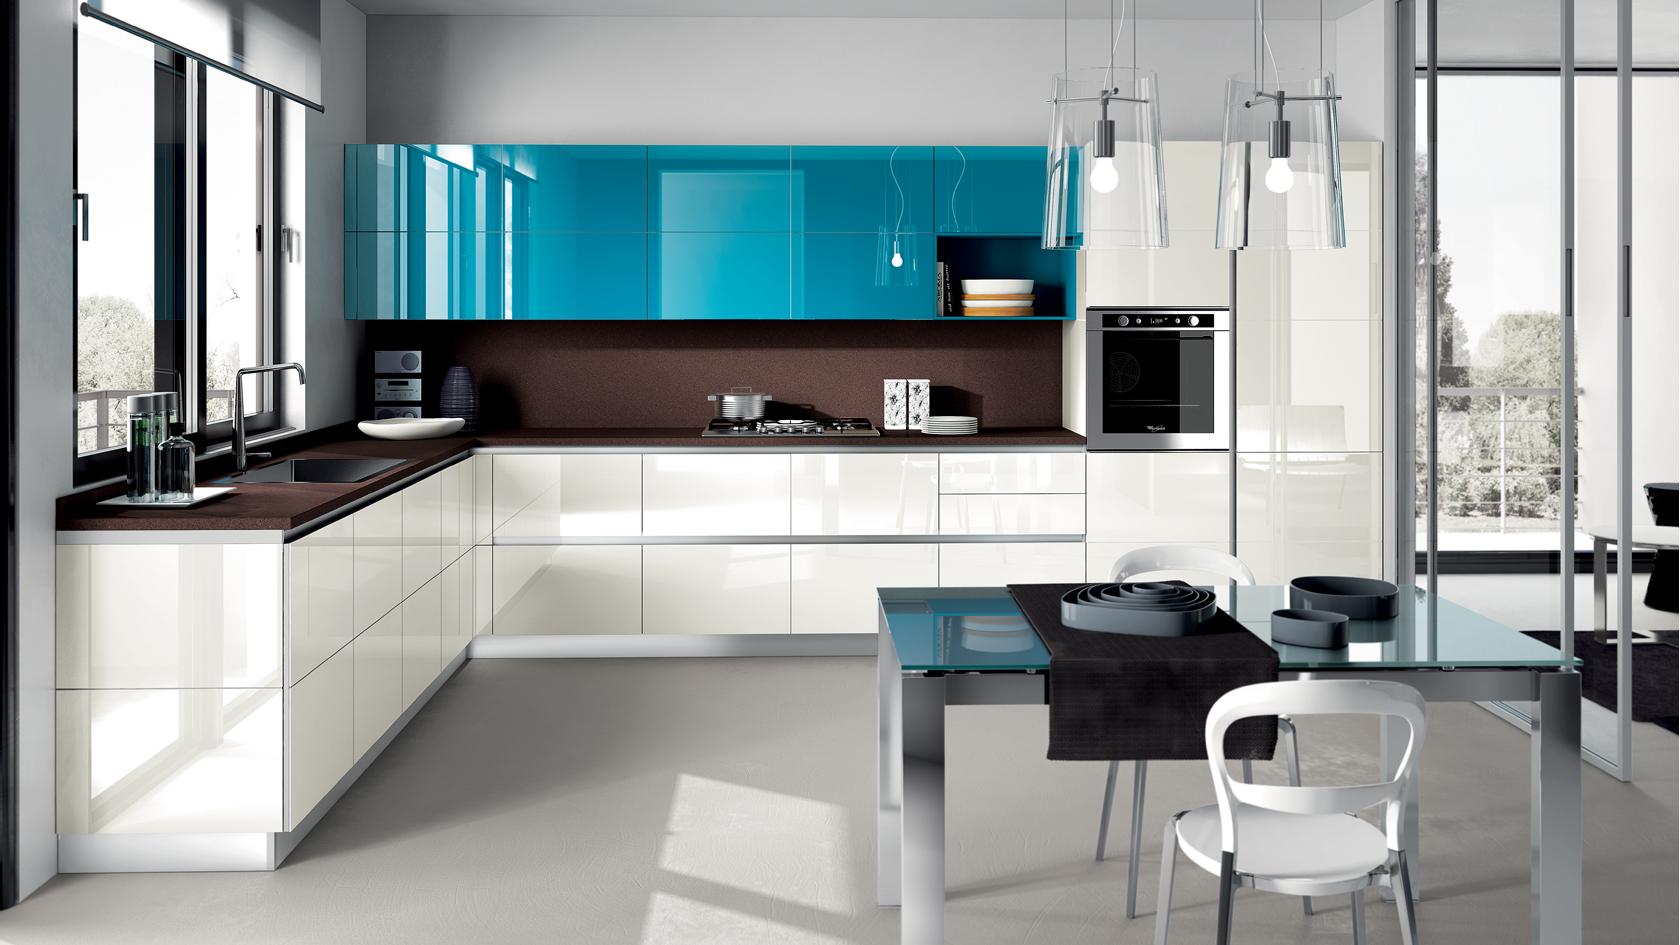 Azul tiffany na cozinha 8 ambientes para voc se inspirar - Azul turquesa pared ...